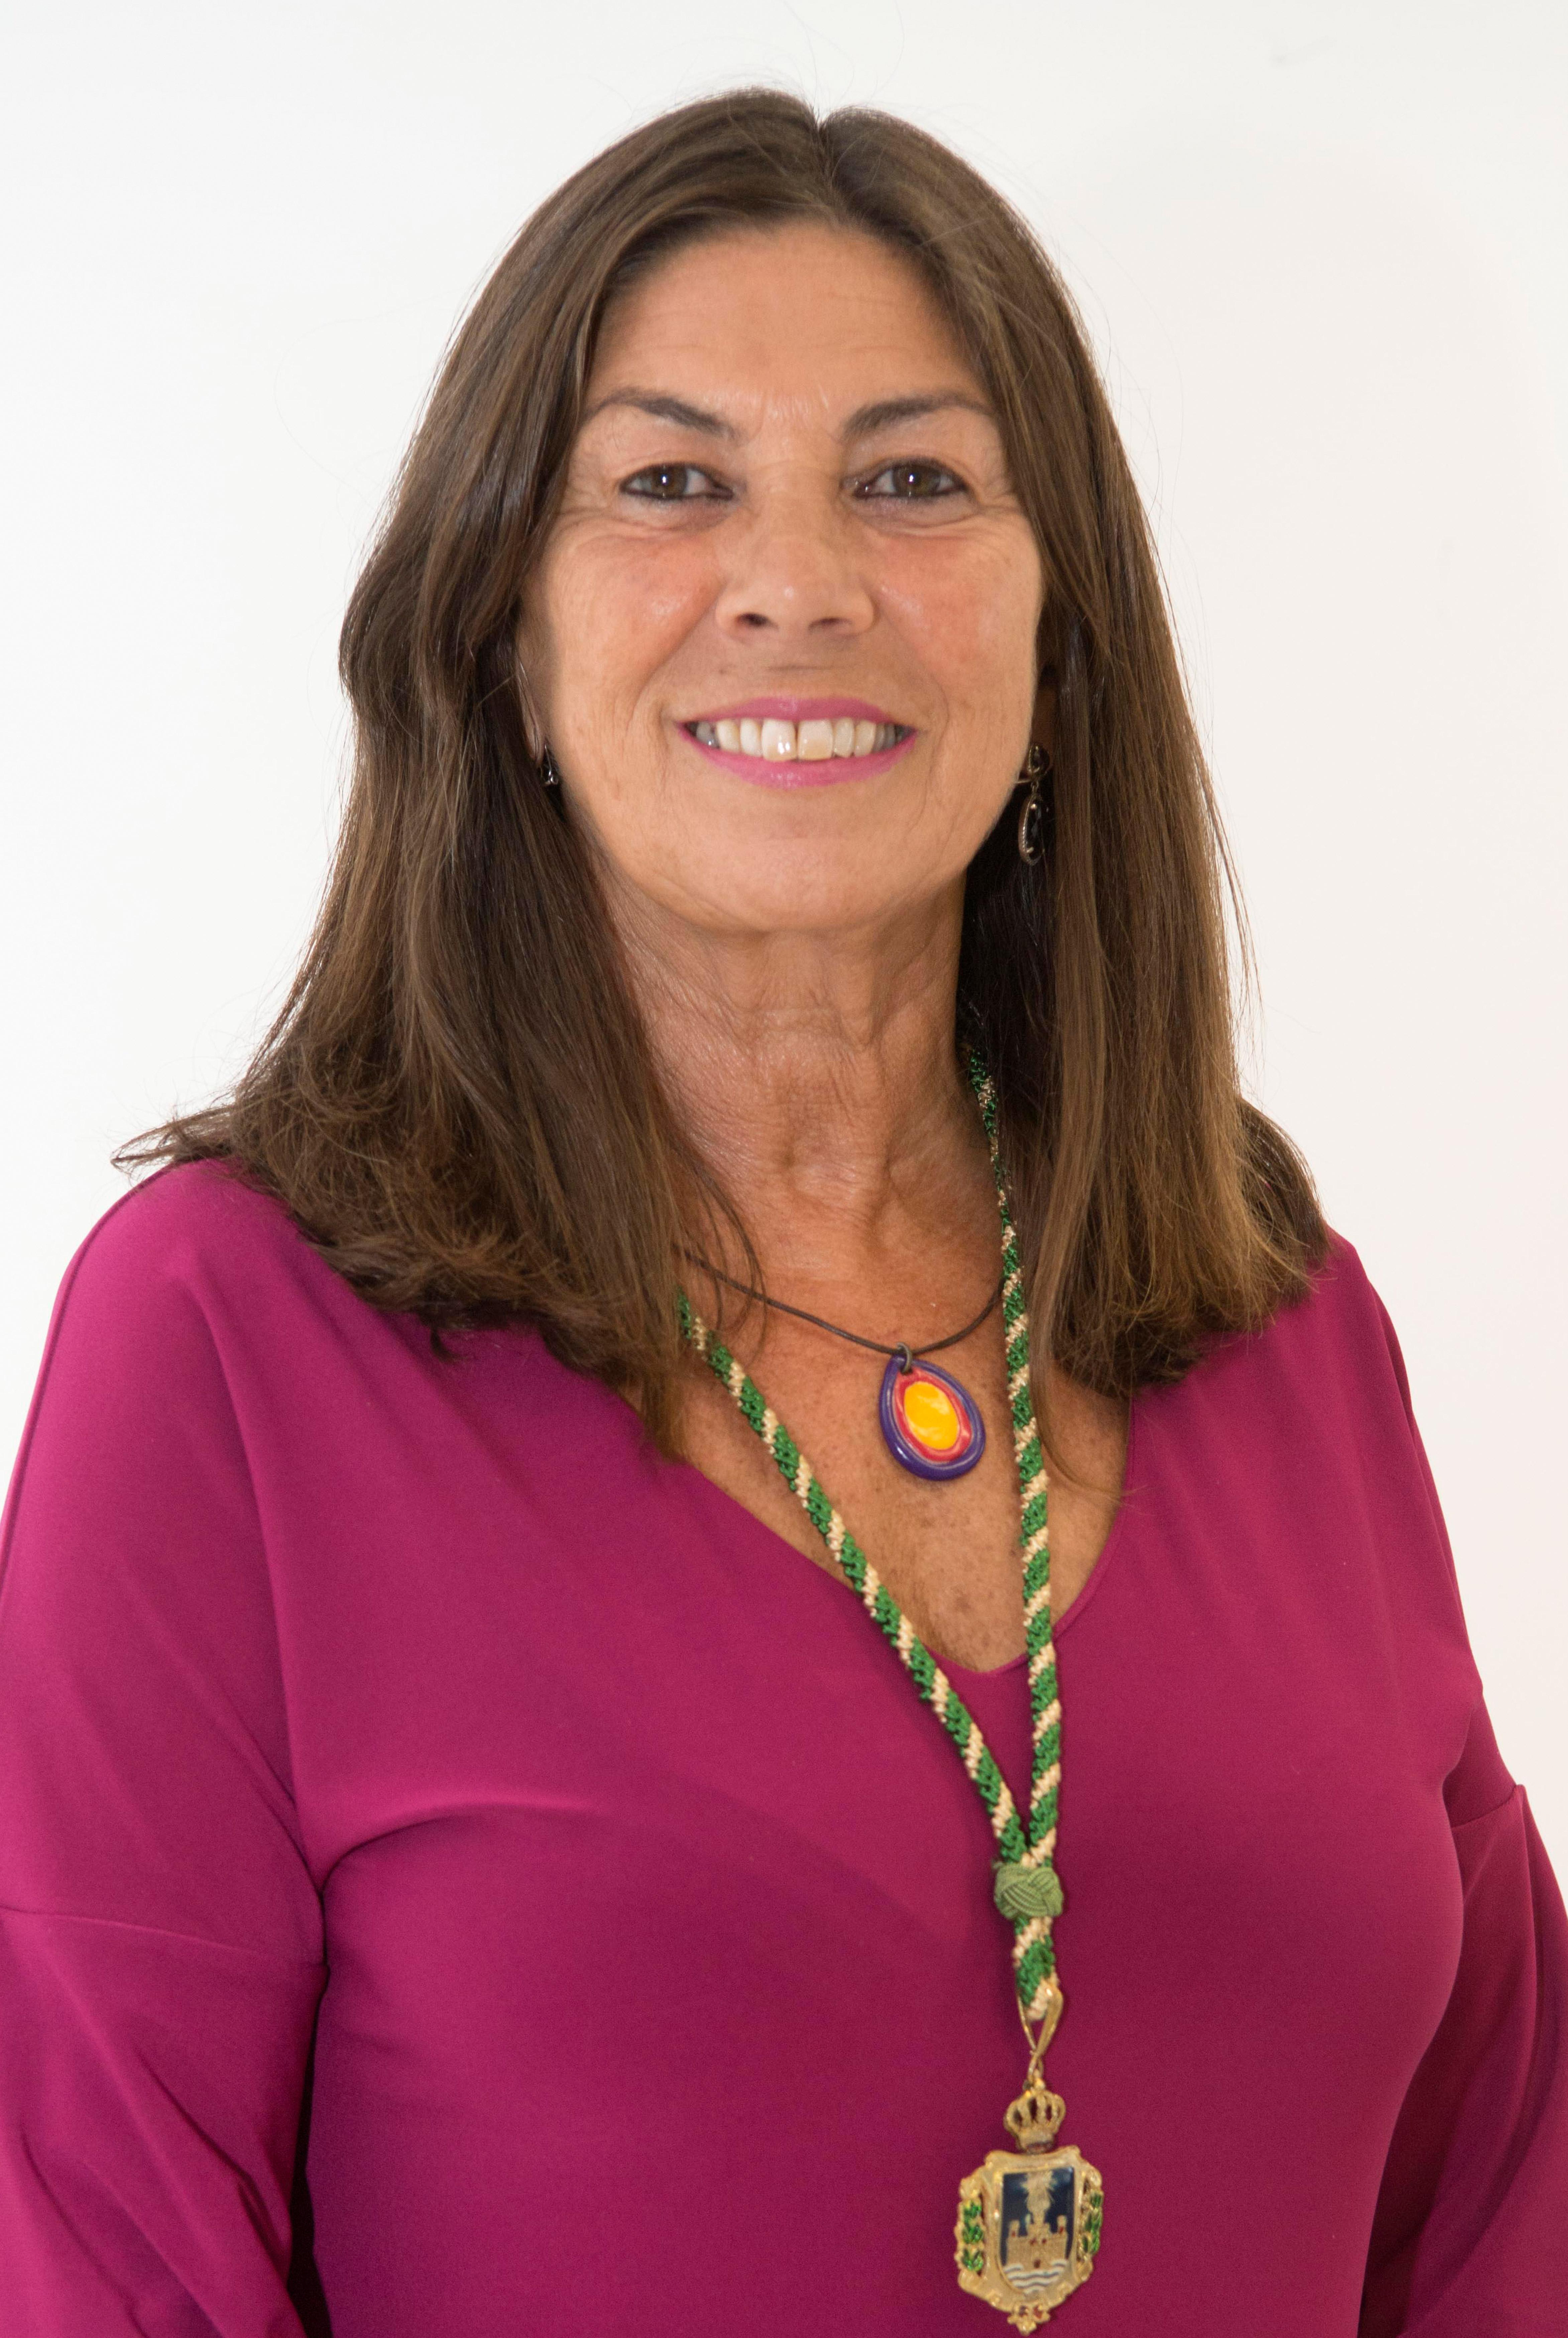 Matilde Roselló del Castillo